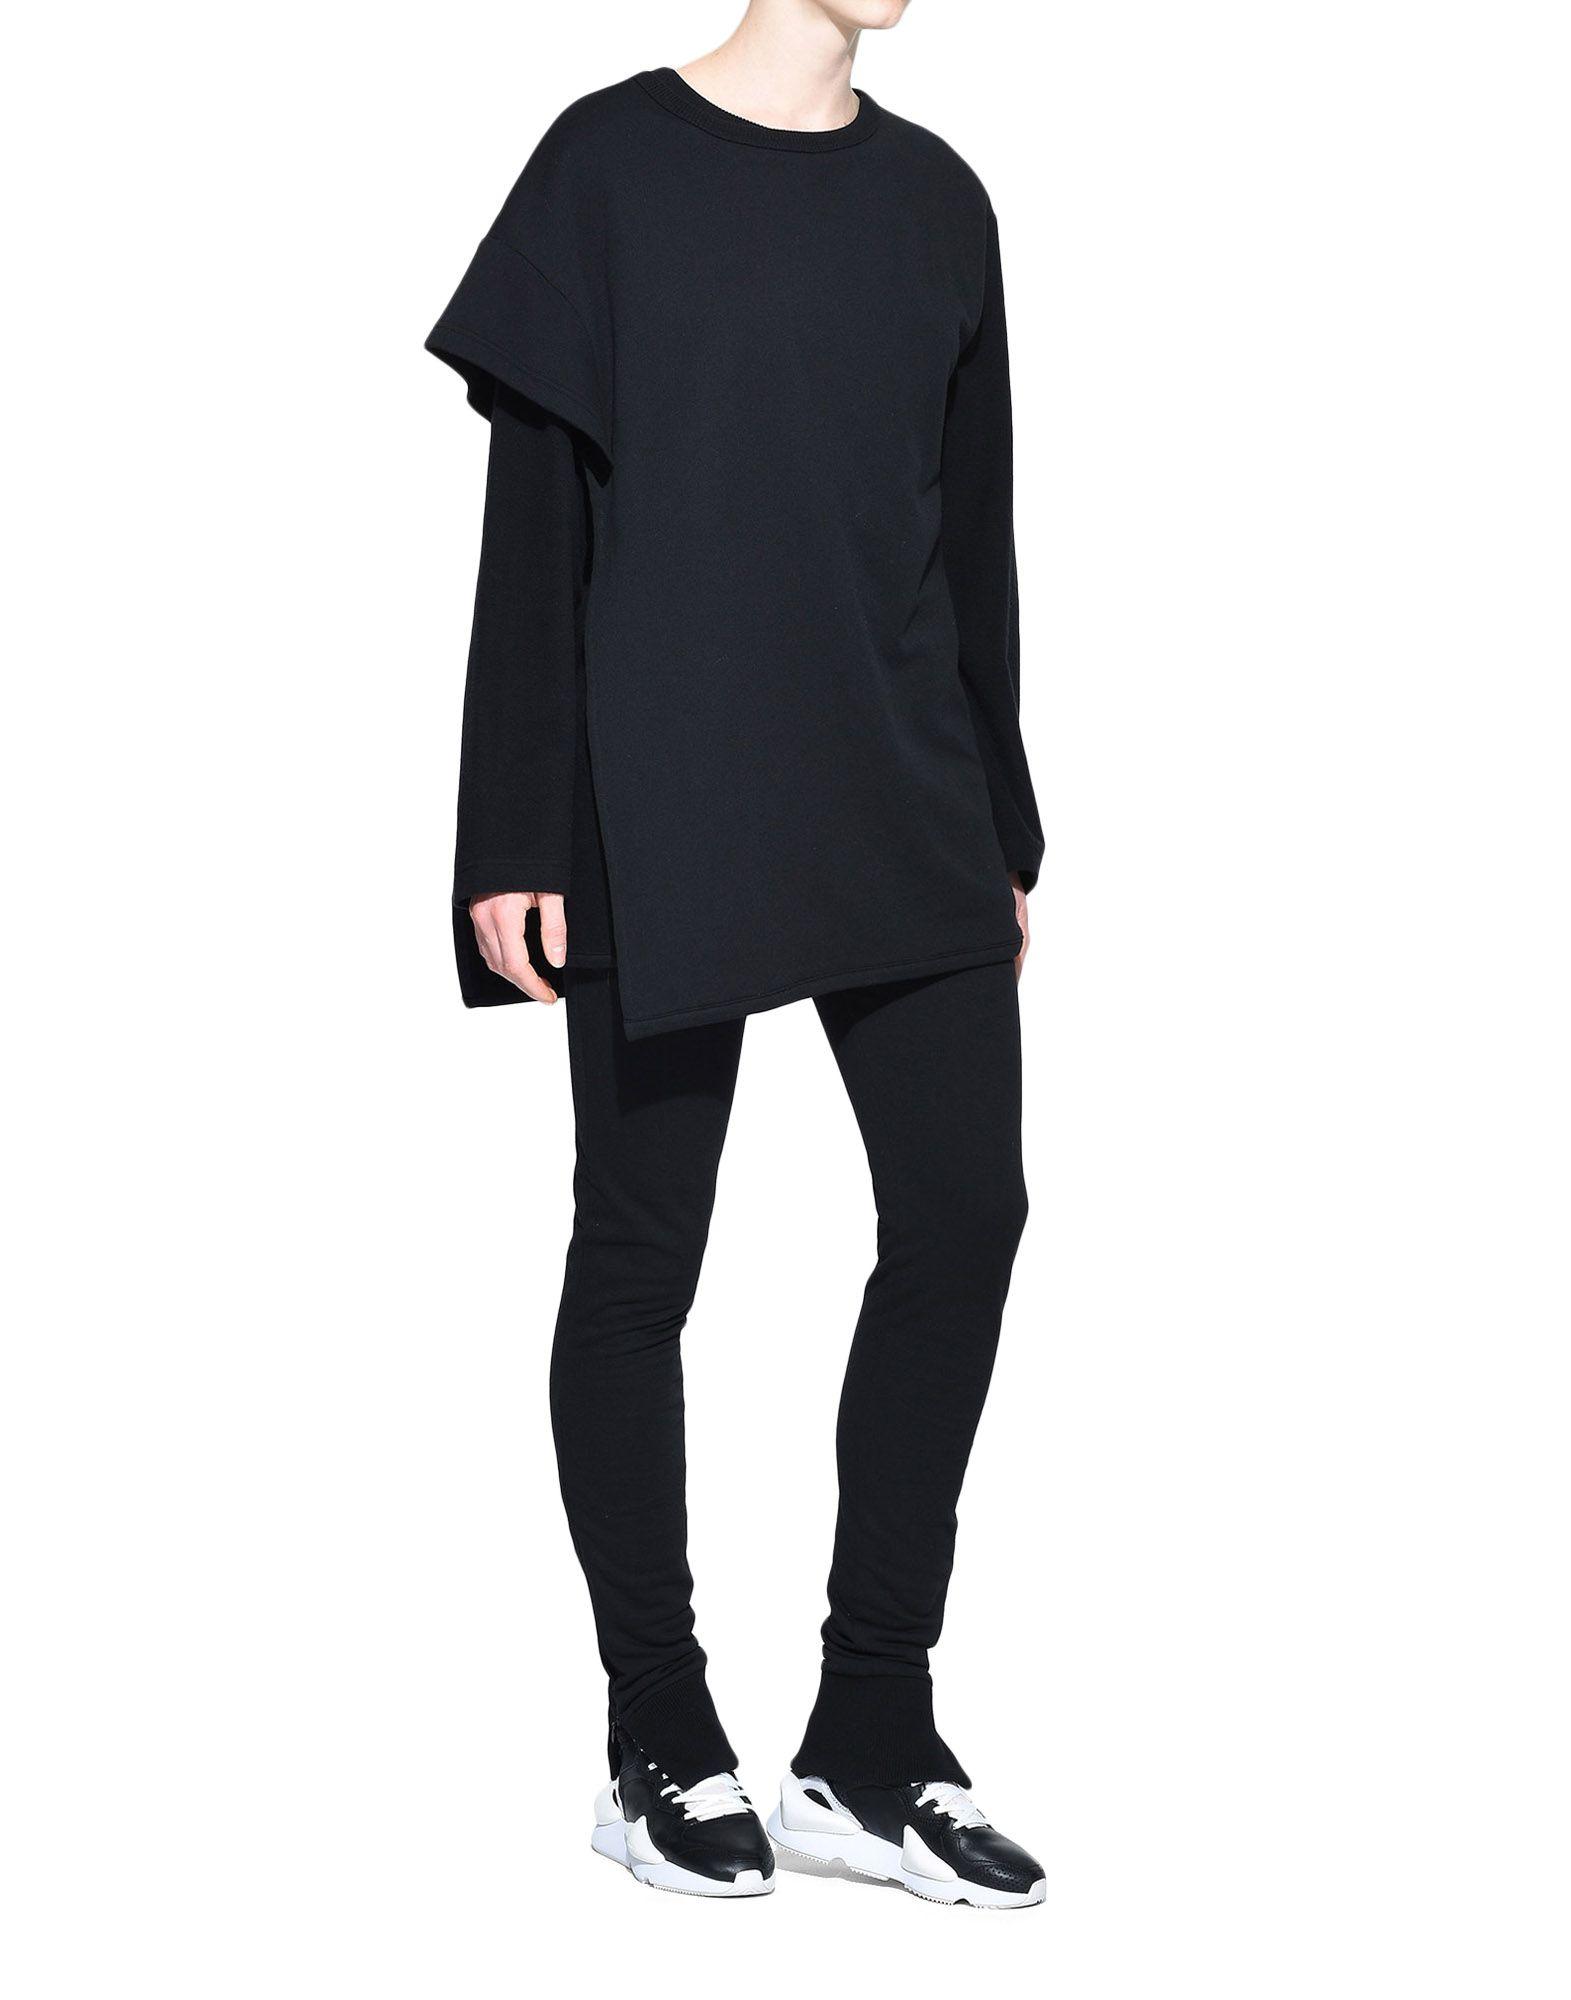 Y-3 Y-3 Two-Layer Fleece Sweater Sweatshirt Woman a